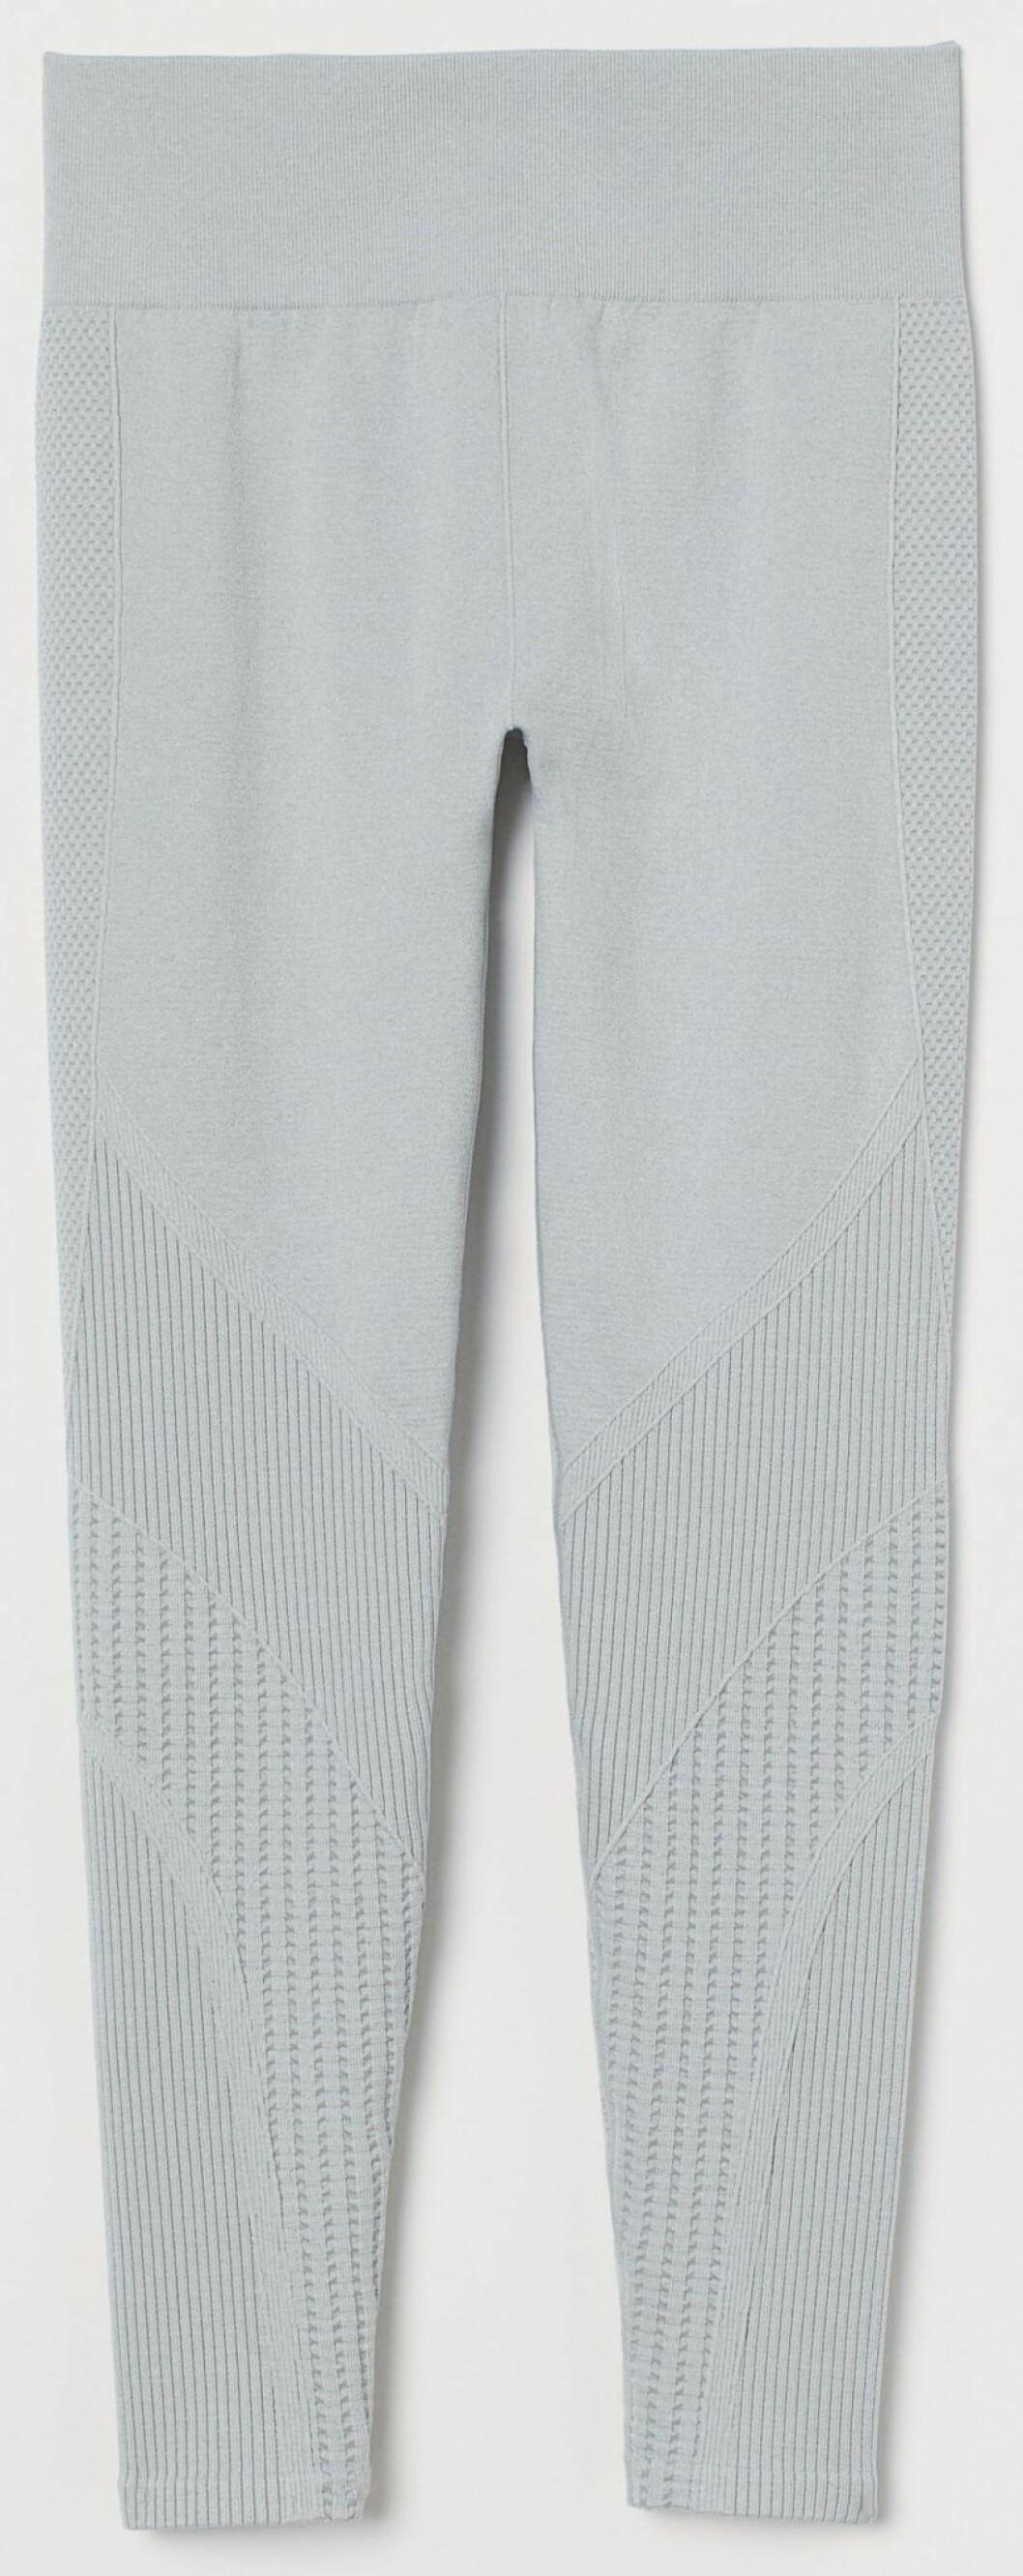 Sömlösa leggings från H&M i grå nyans.